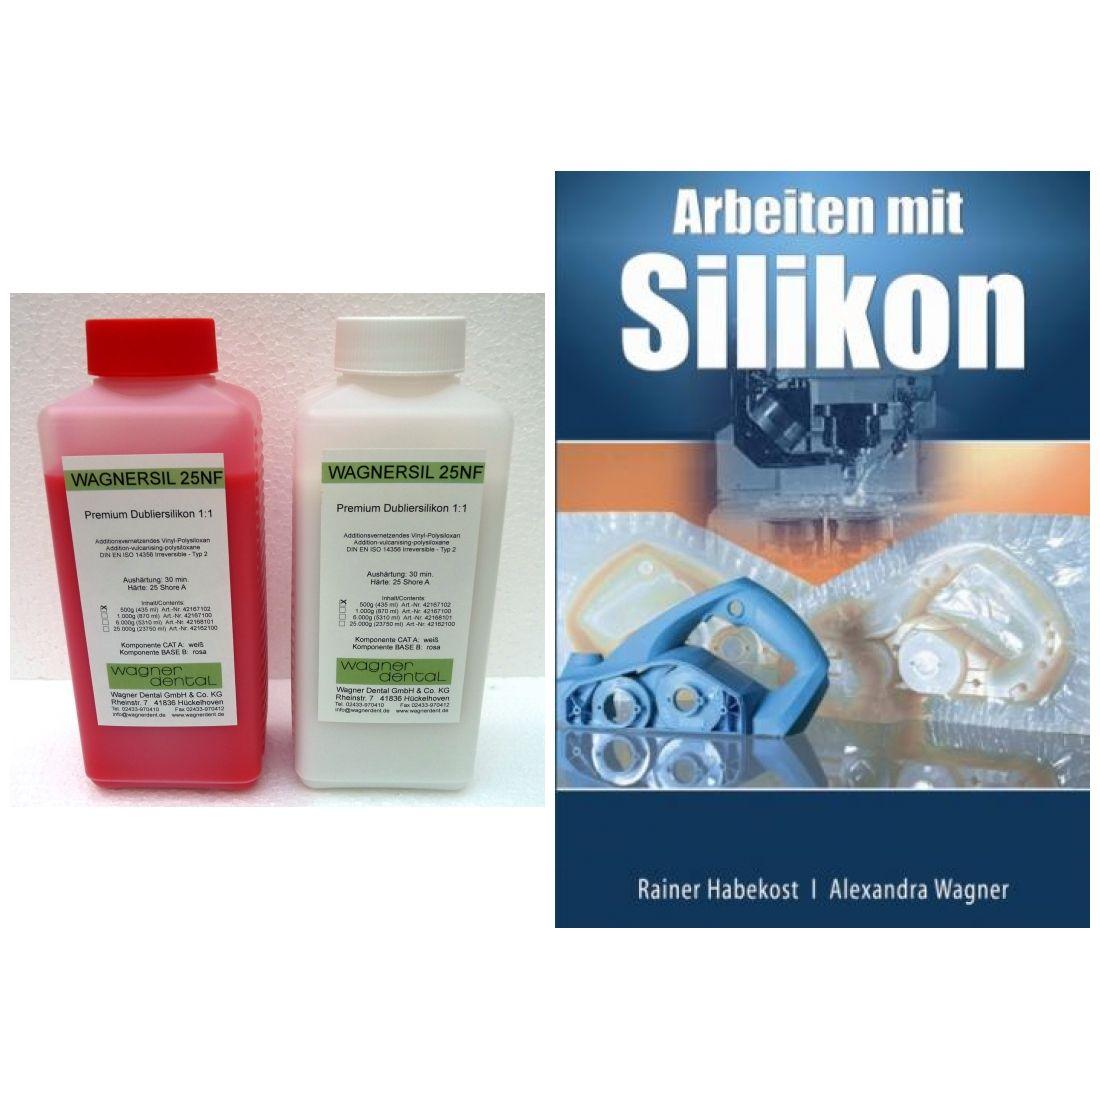 Wagnersil Premium 25 NF rosa Shore 25 EFZ 30 min 1:1 im Set mit Buch Arbeiten Silikon von Rainer Hab